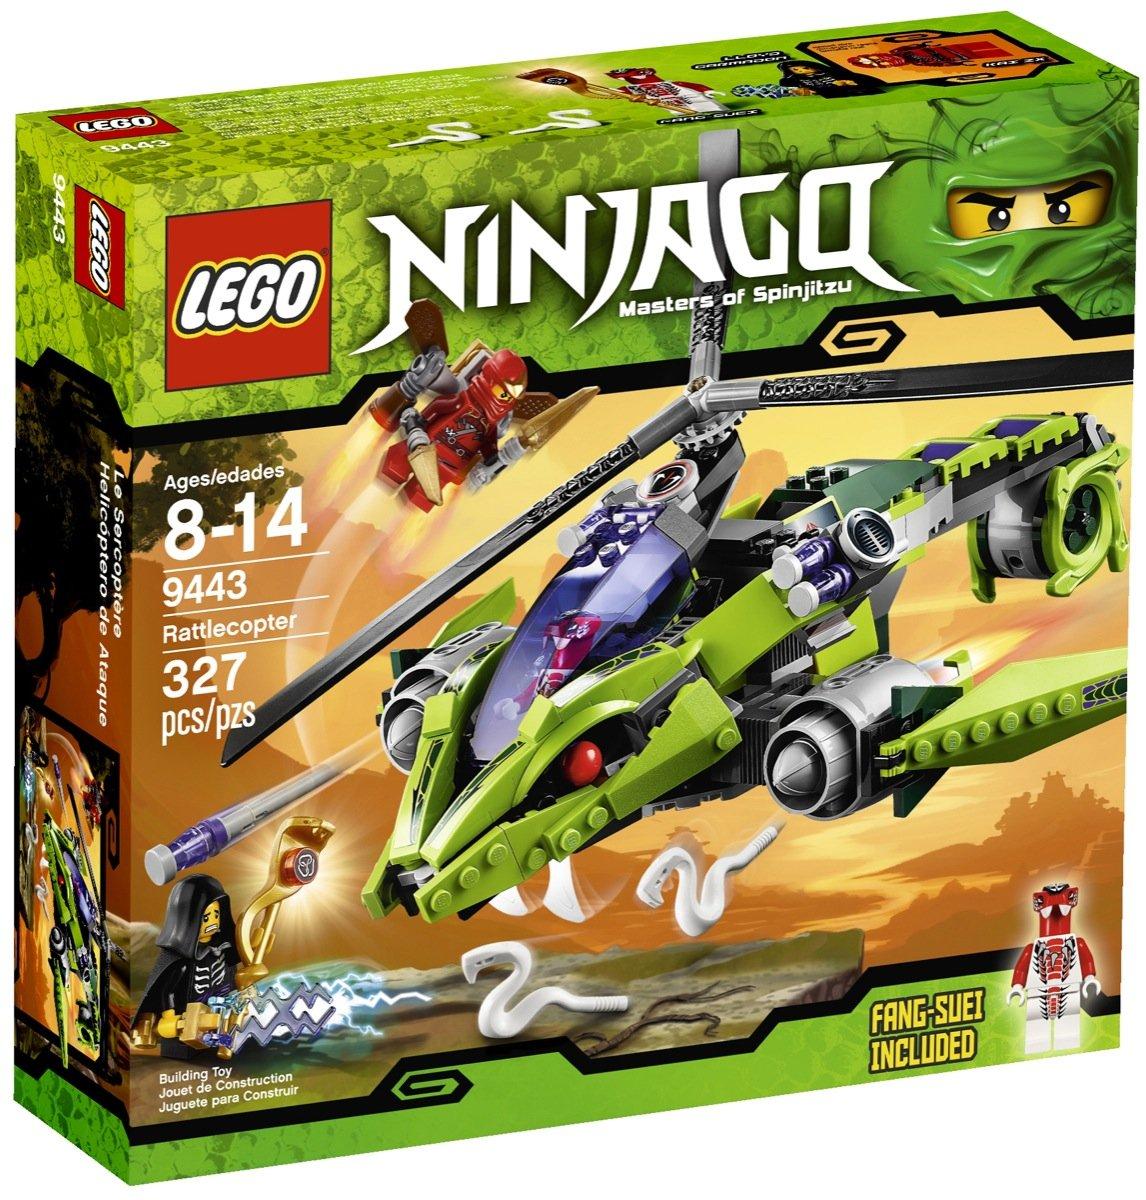 Ninjago lego playsets 30 off freebies2deals - Lego ninjago nouvelle saison ...